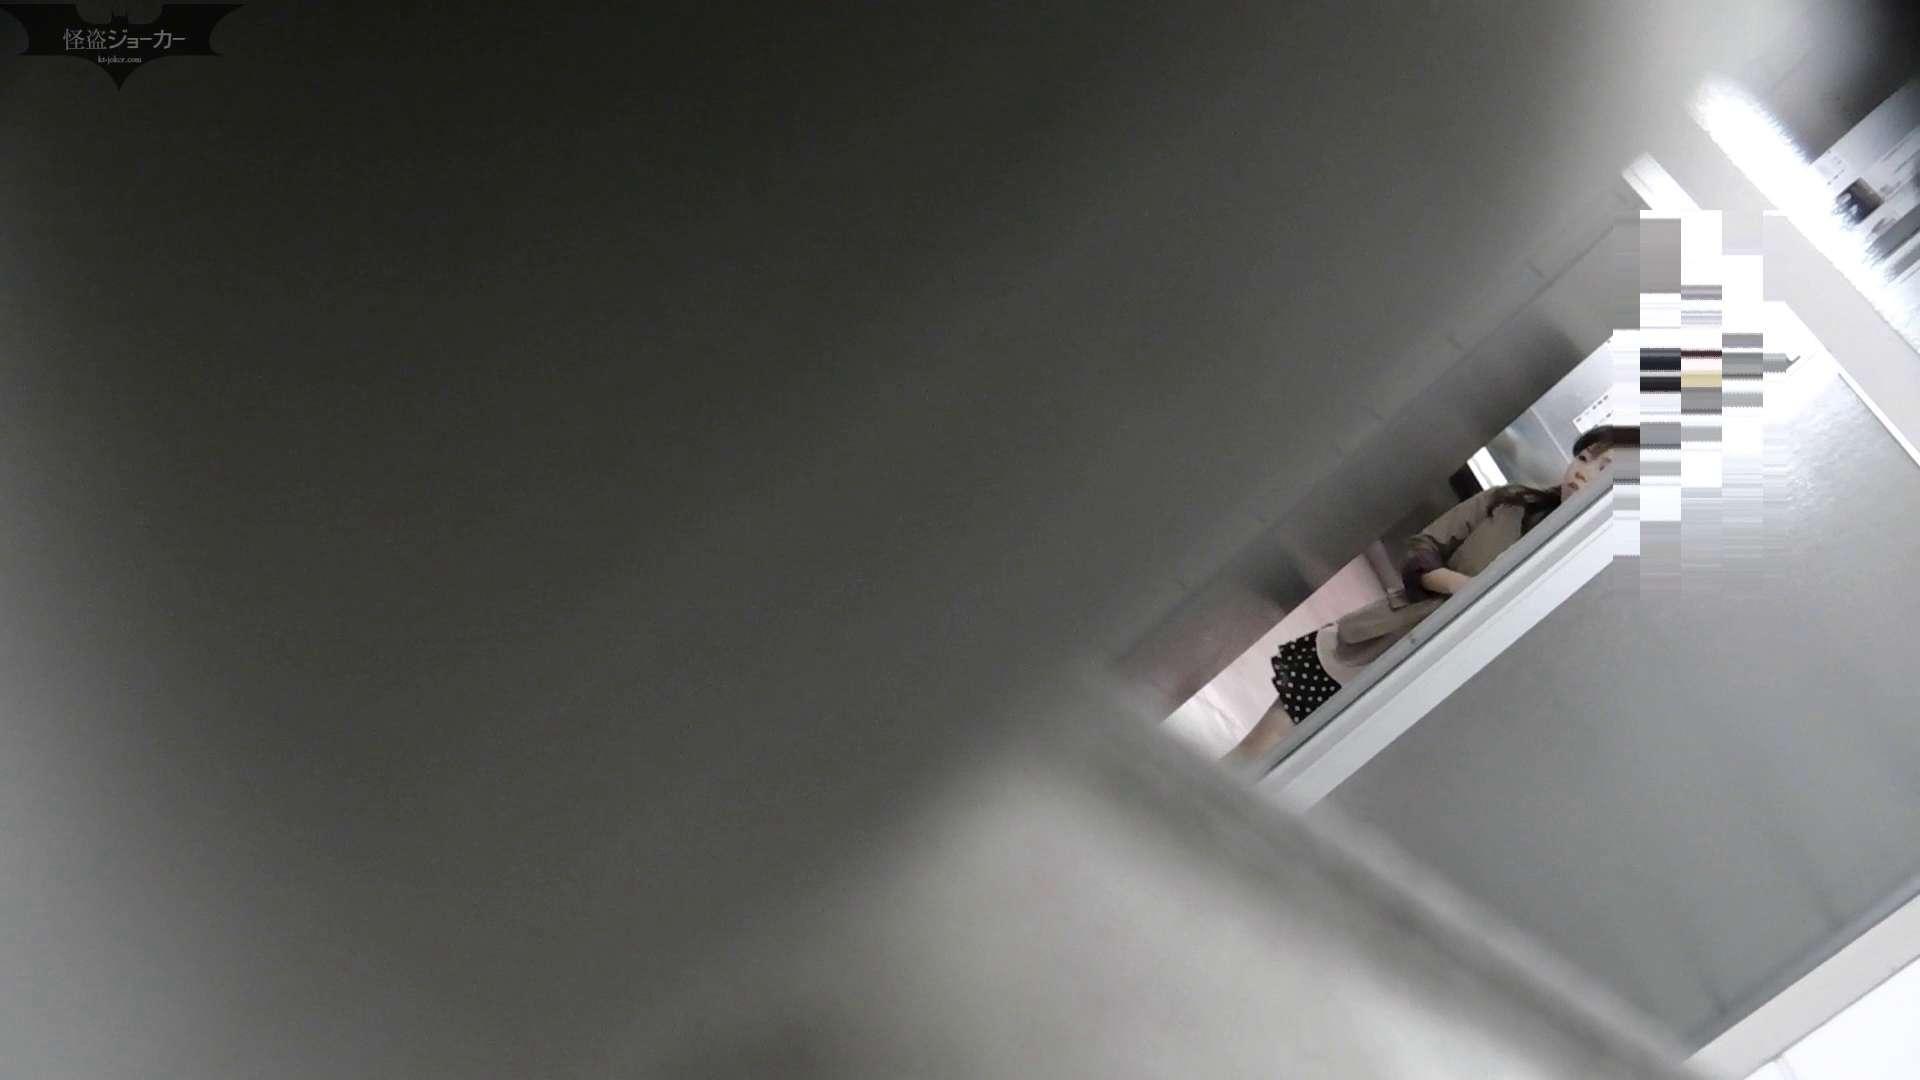 【美しき個室な世界】洗面所特攻隊 vol.046 更に進化【2015・07位】 高評価   高画質  96枚 13